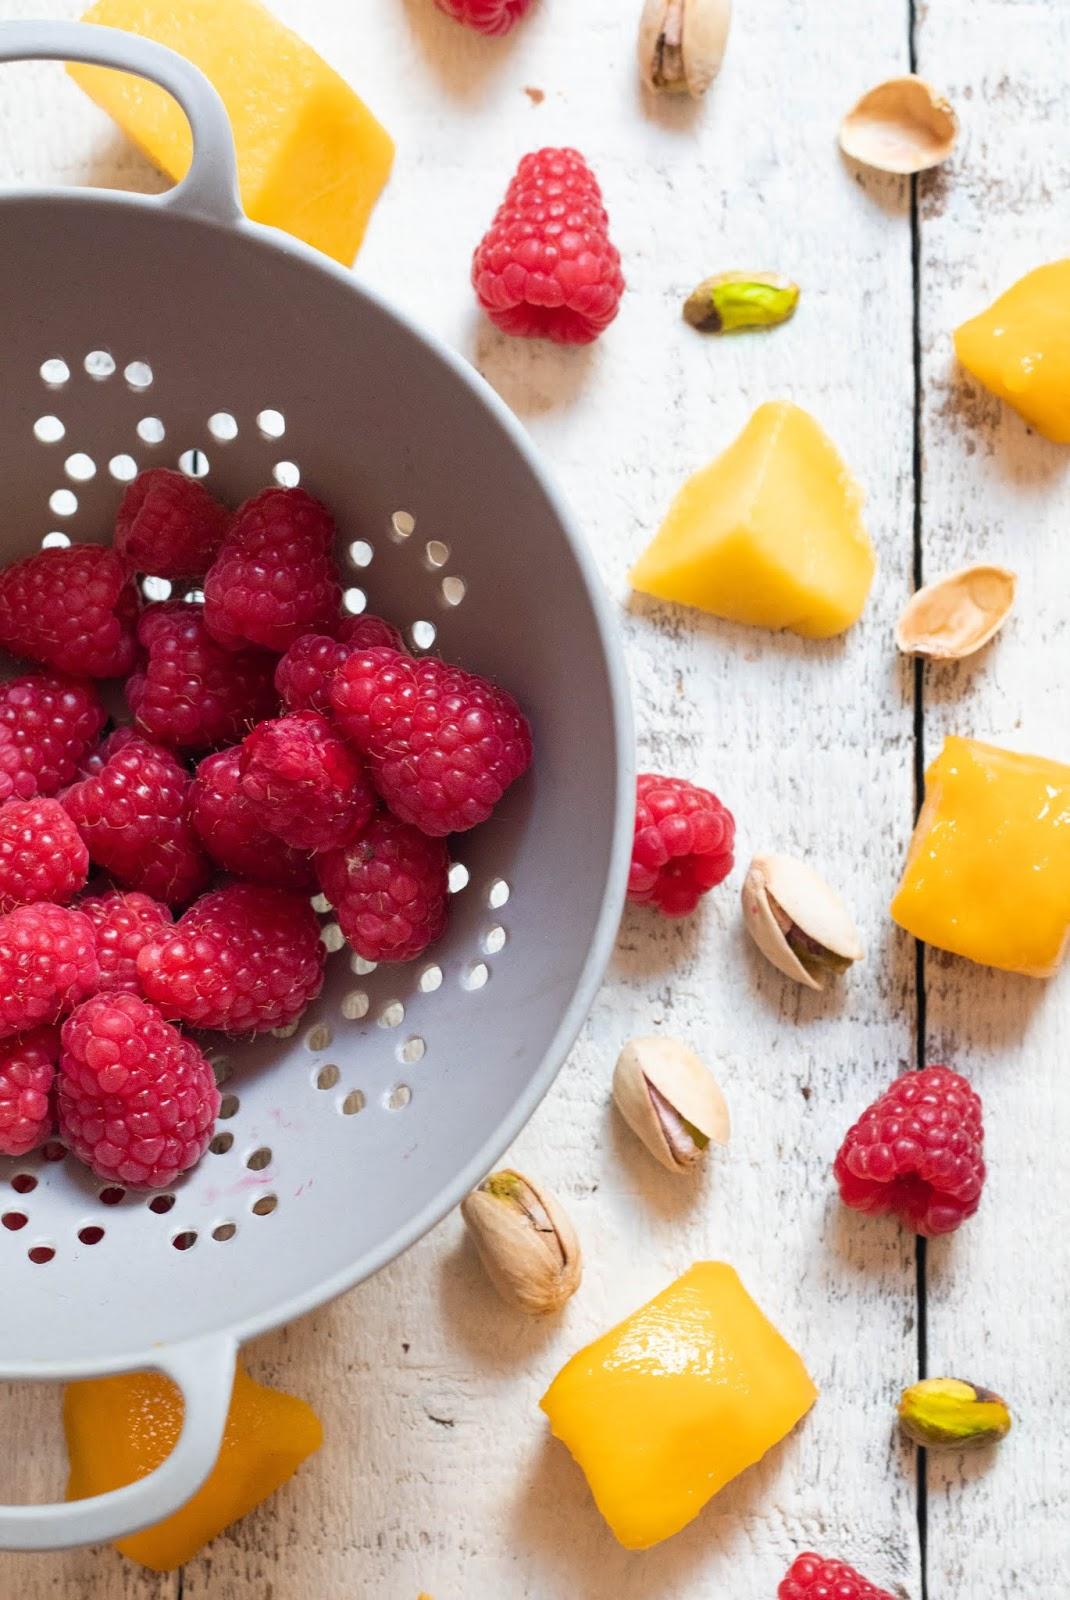 Recette d'un bavarois à la mangue et aux framboises. Délicieusement frais pour l'été !